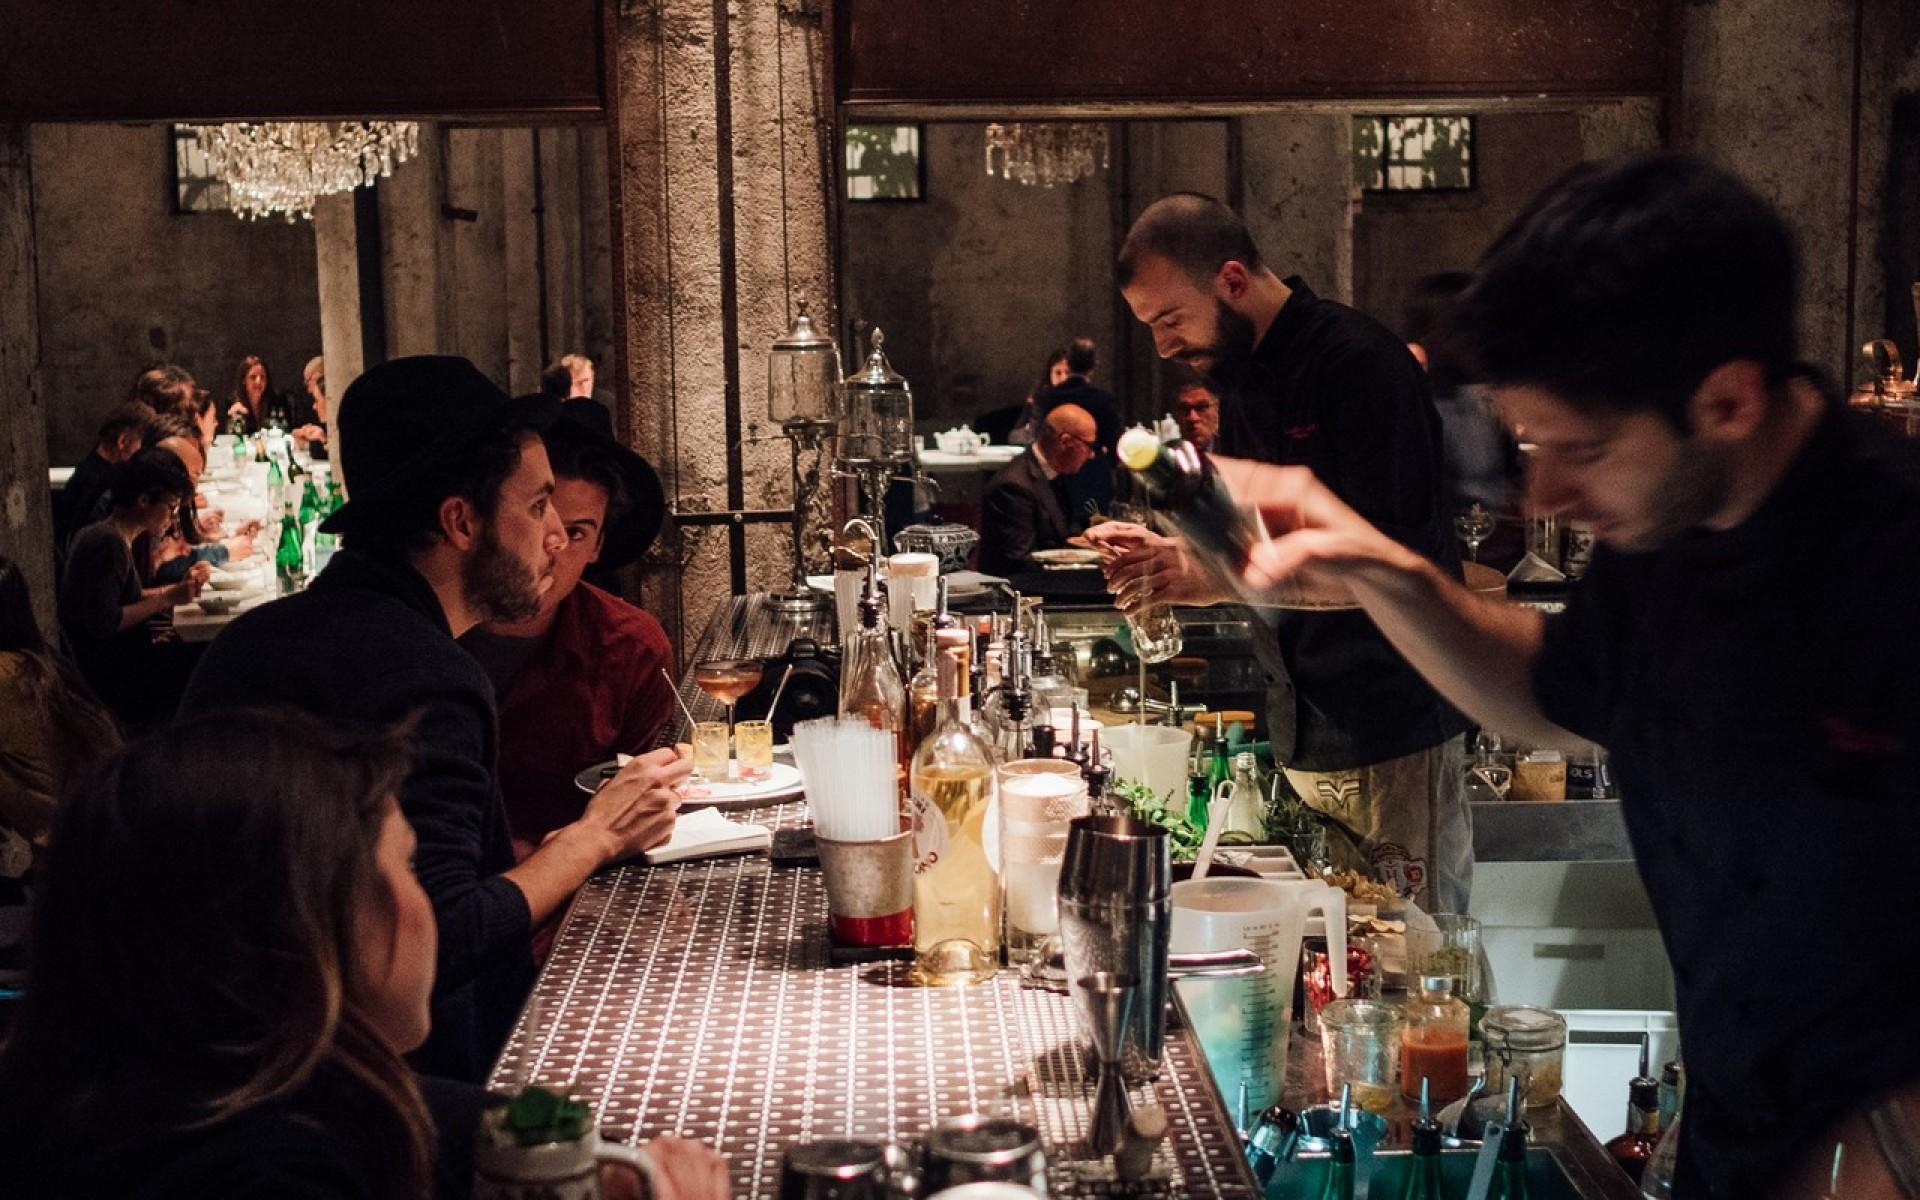 Bar ristorante cracco milano emmelle arredamenti for Segheria carlo cracco